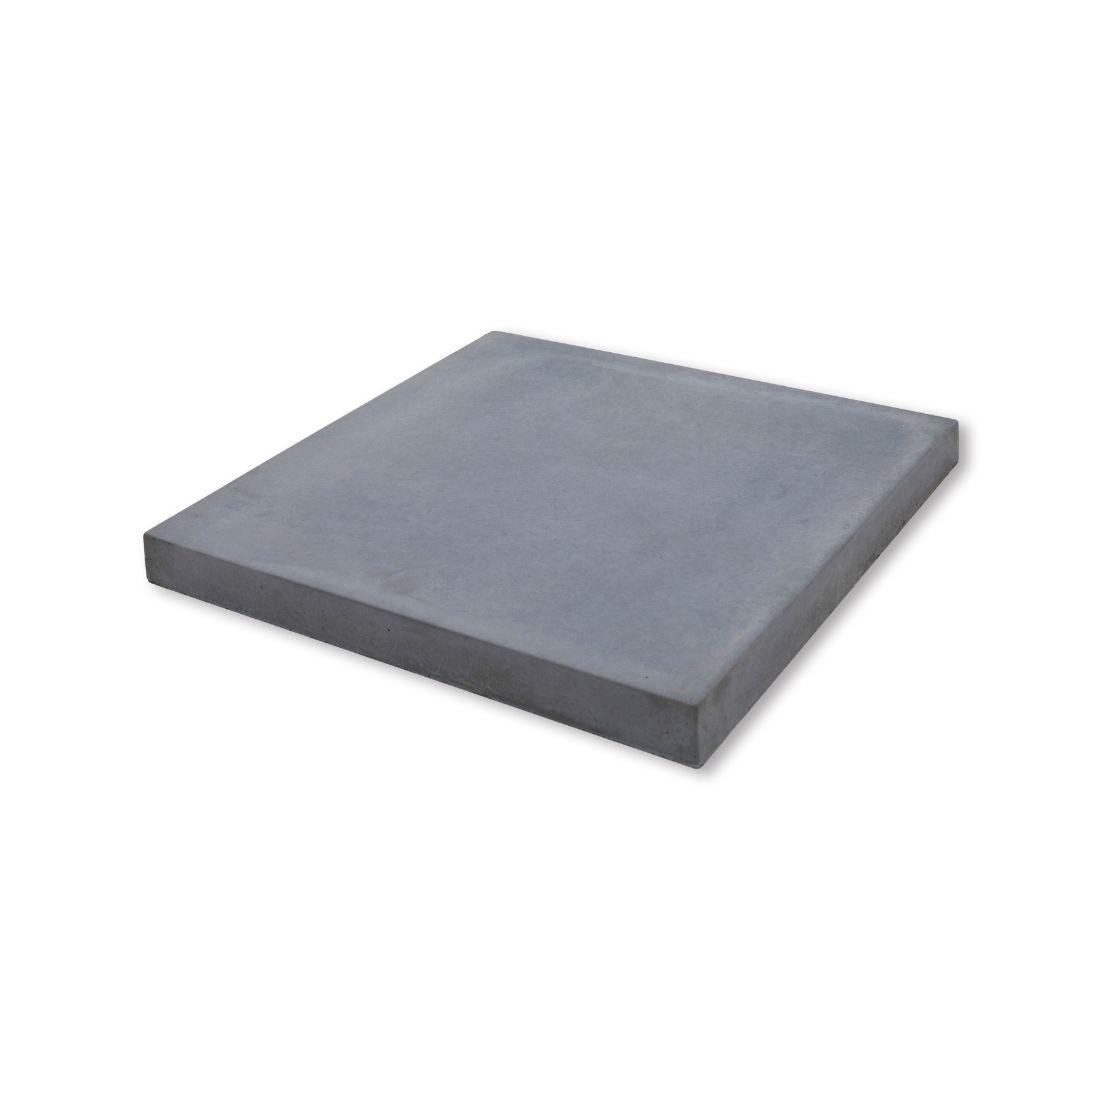 Milano Concrete Paver 600 x 600 x 37mm Grey River